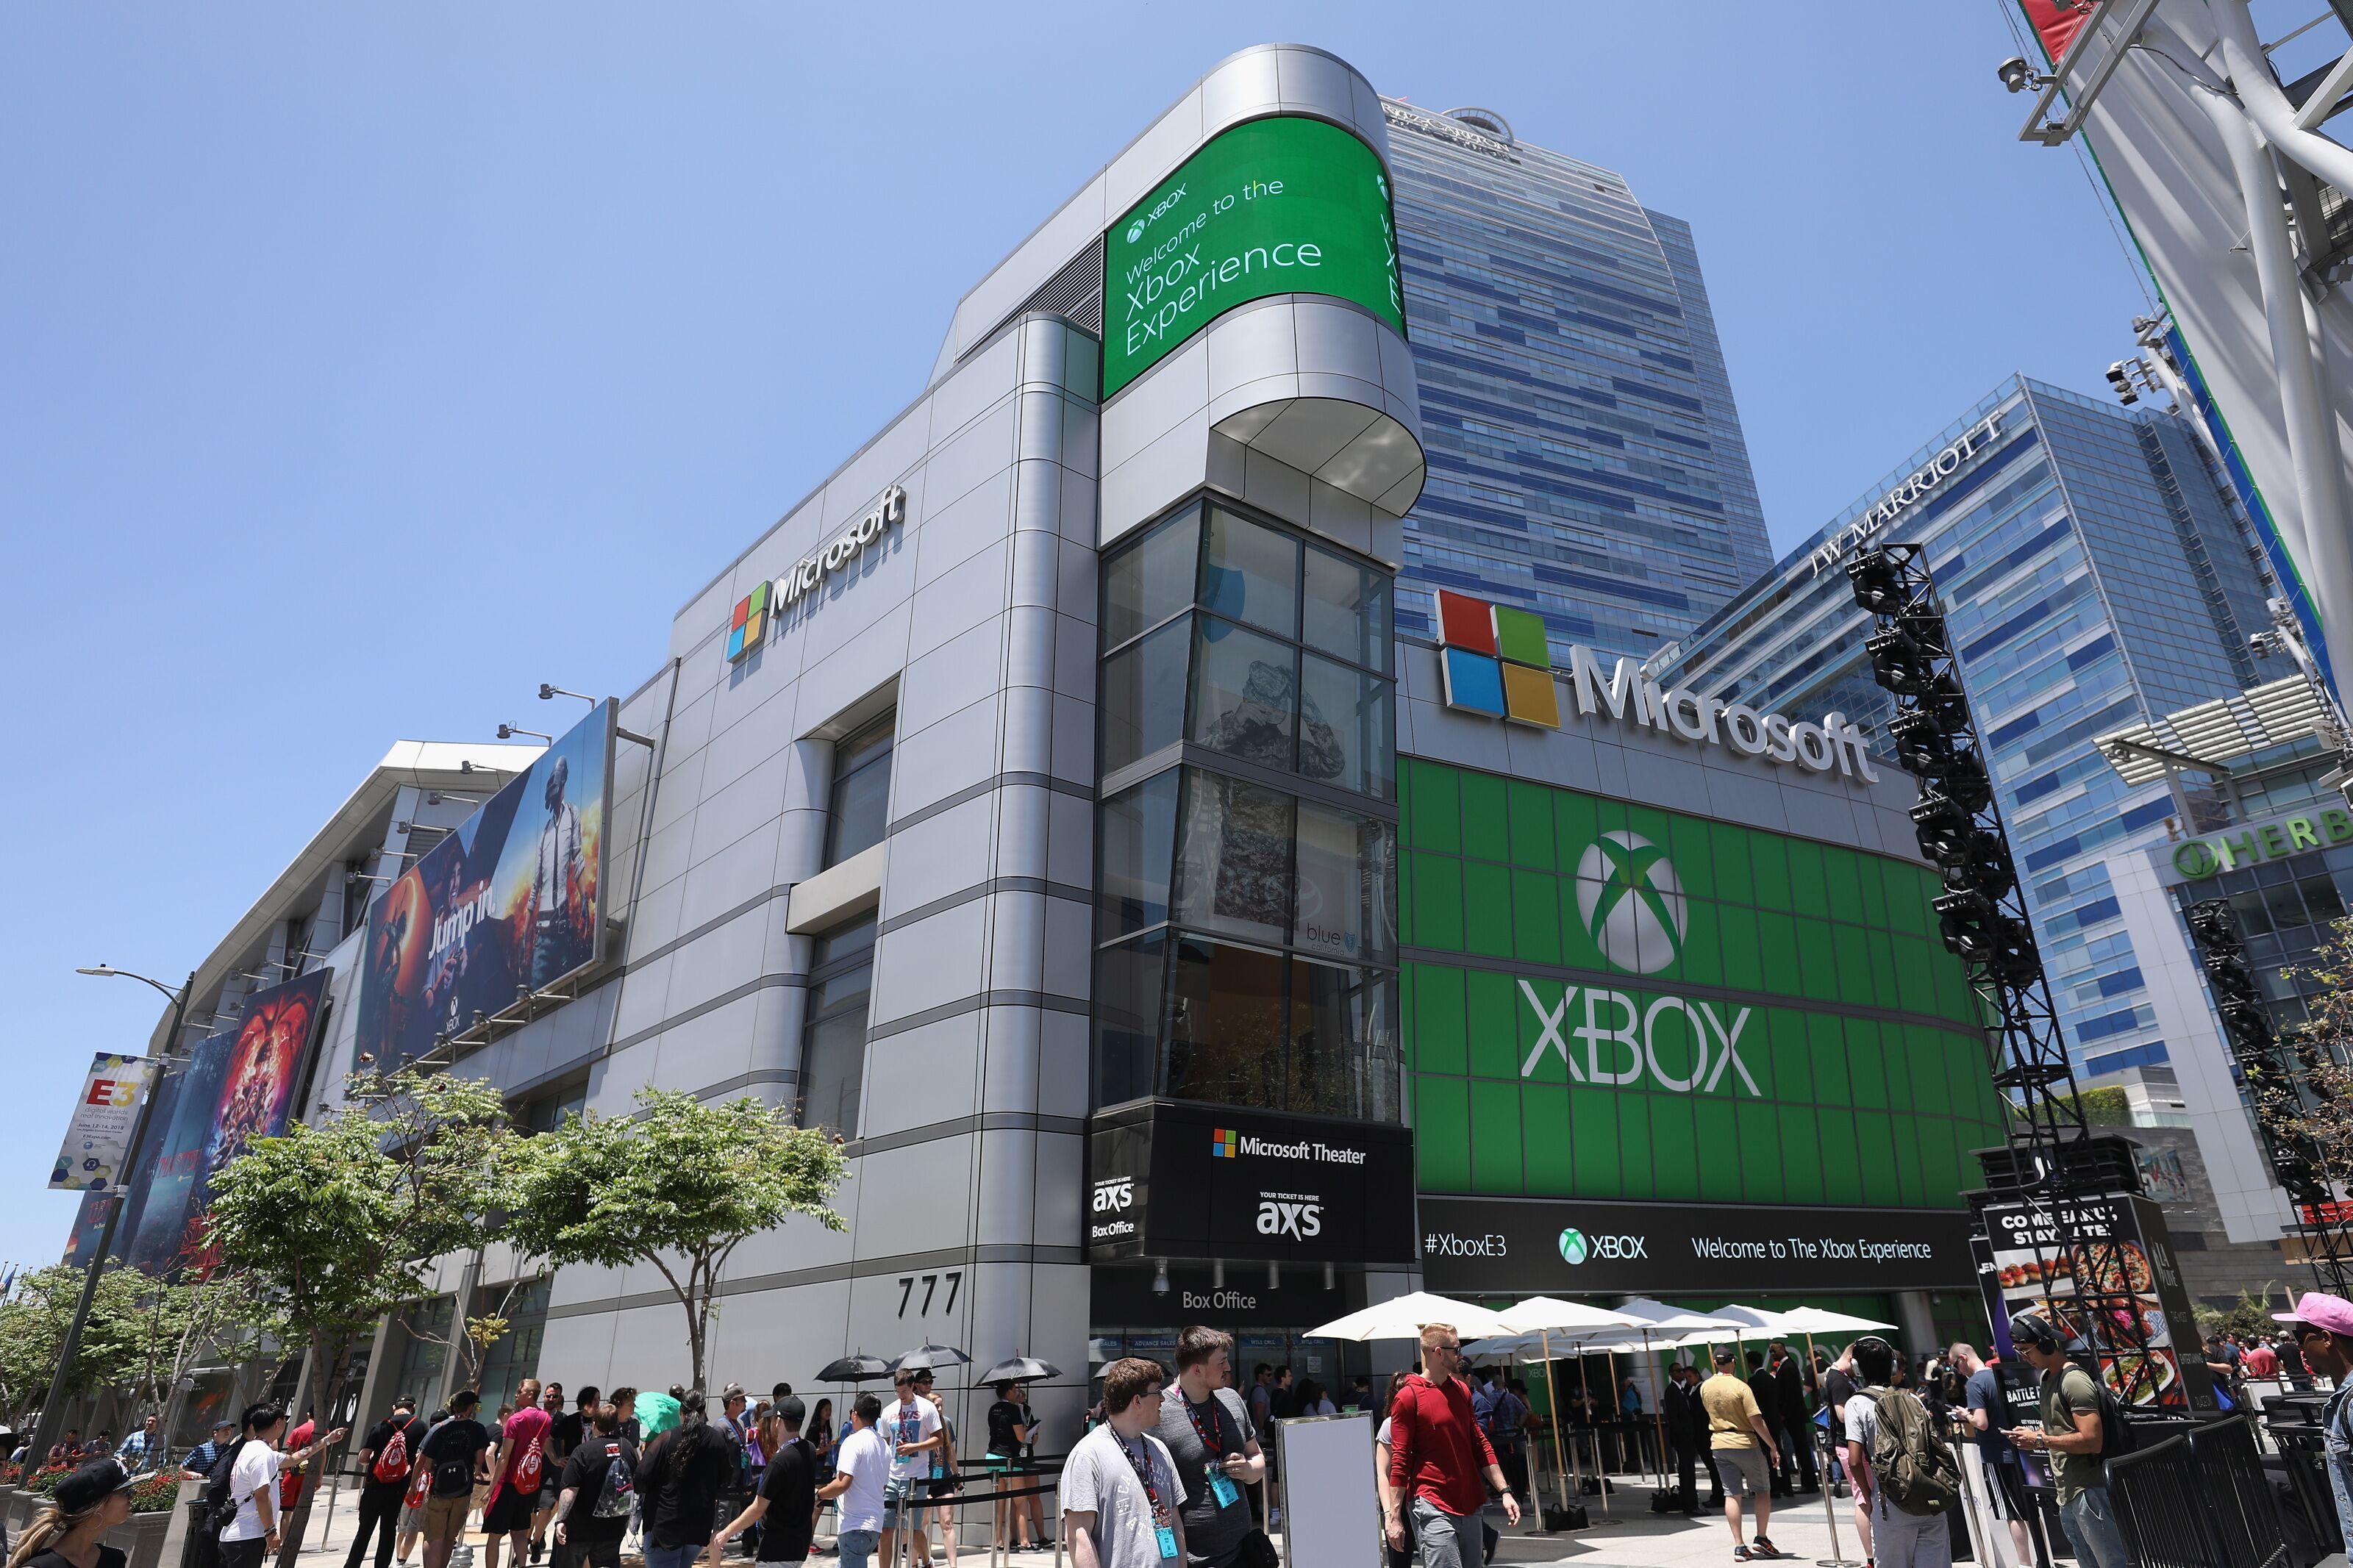 5 predictions for Xbox at E3 2019